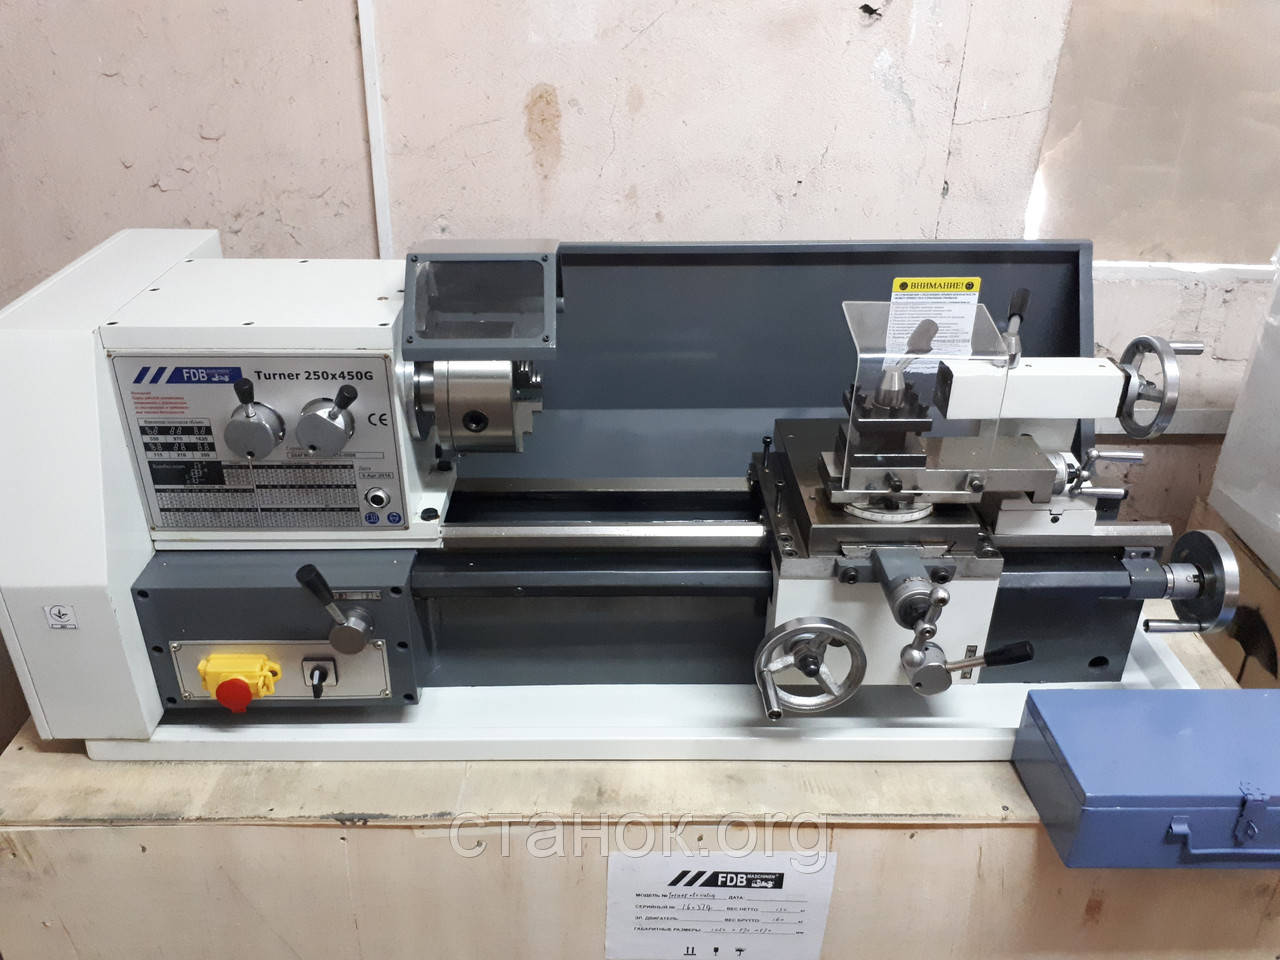 FDB Maschinen Turner 250-450 G Токарный станок по металлу (c механической коробкой) фдб машинен тюрнер 250 450